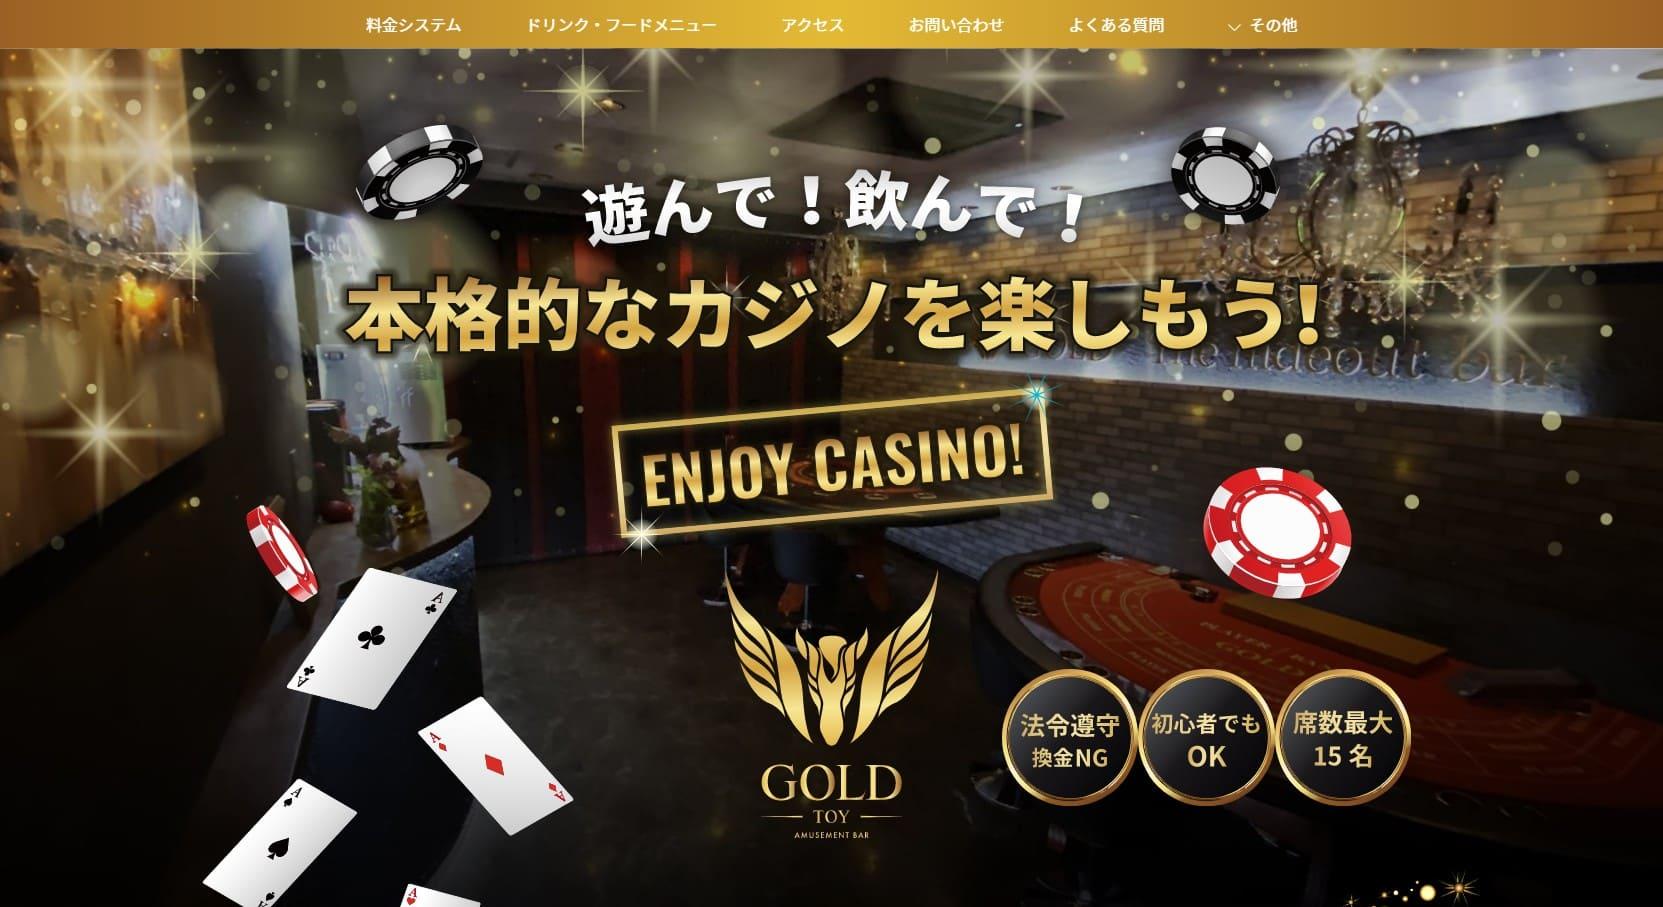 カジノバーGOLDのウェブサイト画像。